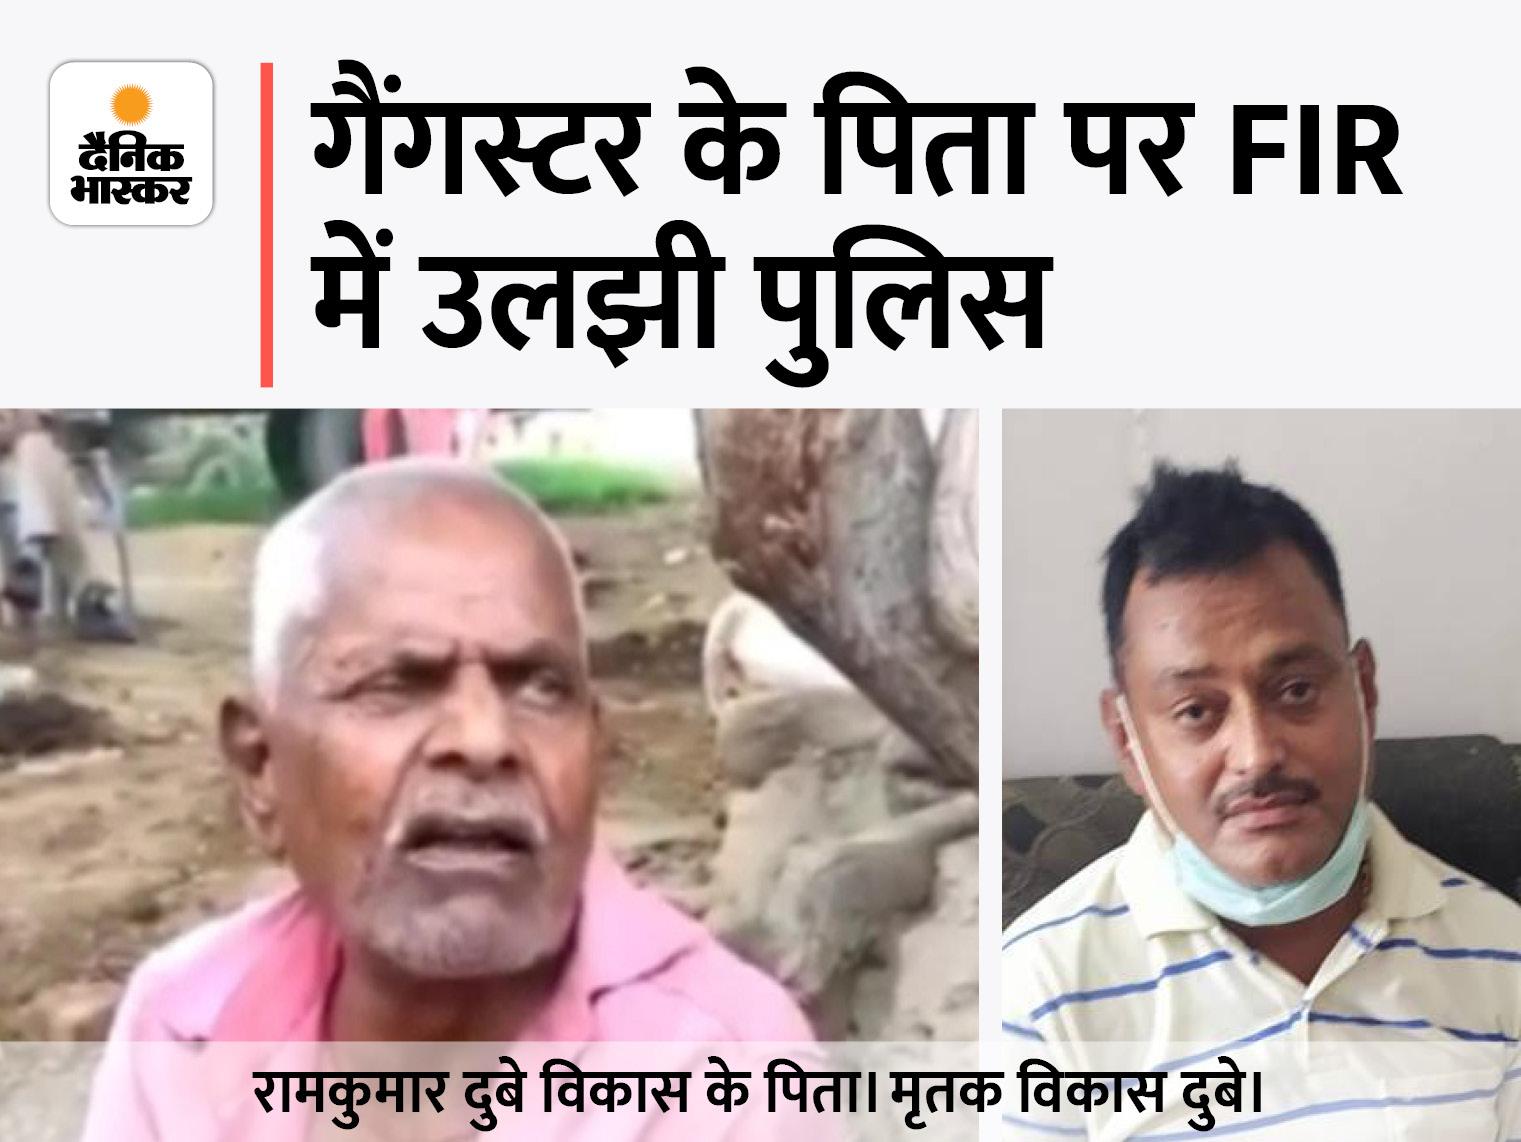 20 साल पुरानी डकैती में विकास दुबे के 85 साल के पिता को बना दिया था आरोपी, परिजन जमानत लेने को तैयार नहीं; पुलिस ही ढूंढ रही जमानतदार|कानपुर,Kanpur - Dainik Bhaskar